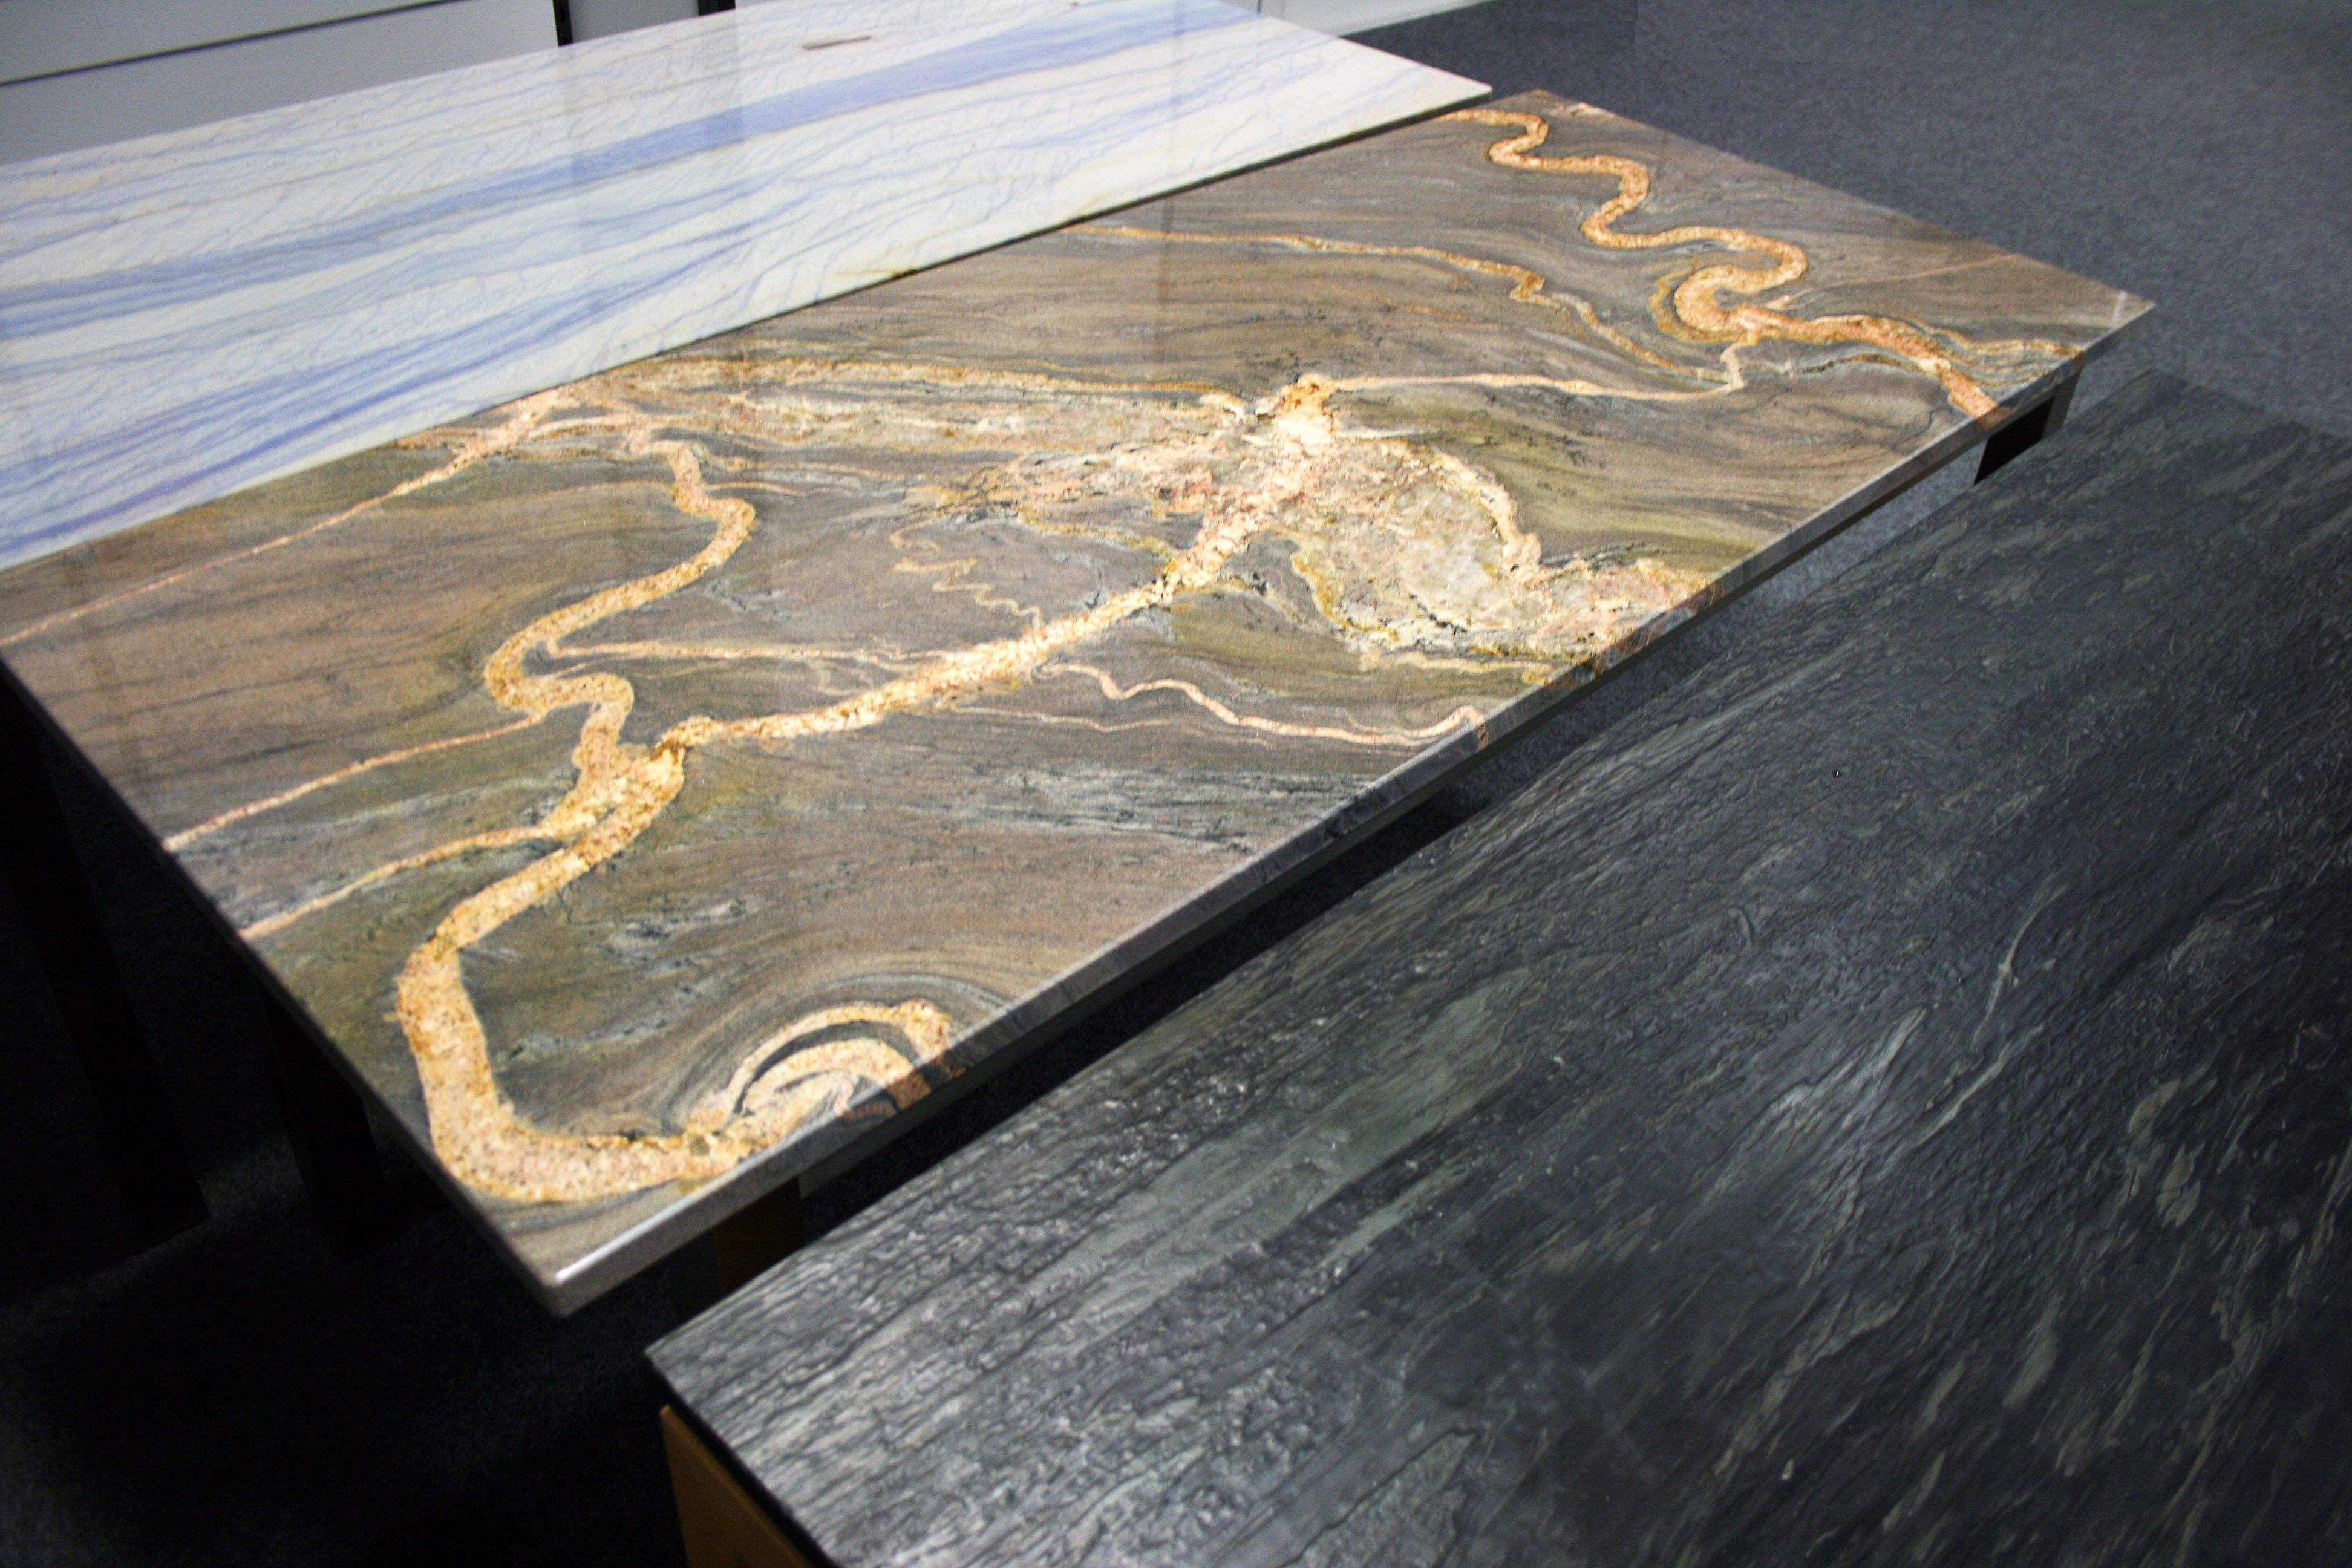 Gestalten Sie Ihre Personlichen Tisch Nach Mass Aus Einer Vielzahl An Modellen Und Materialien Http Www Granit Naturstein Marm Natursteine Steine Gestalten